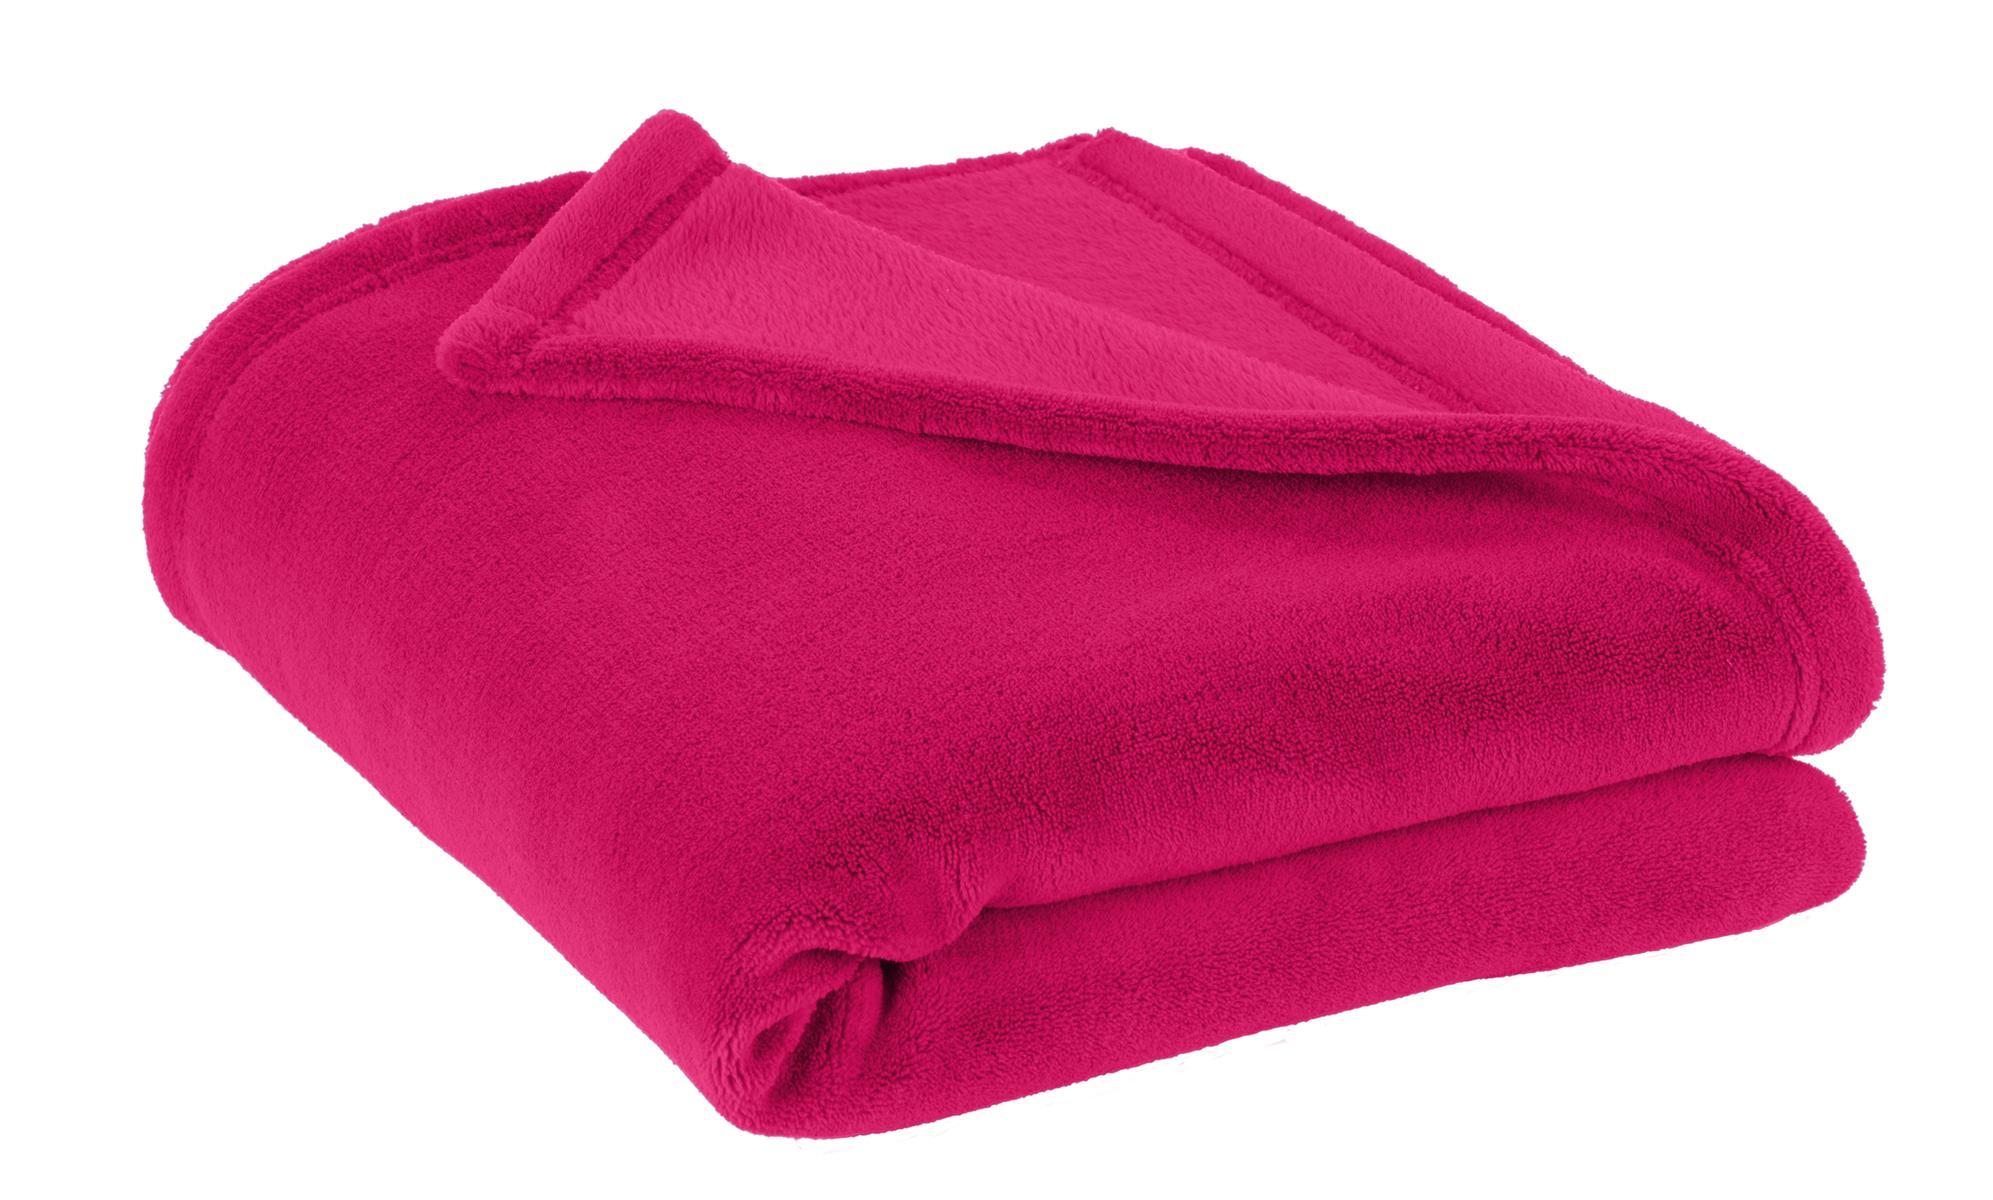 blanket clipart clipart info blanket f activavida co rh activavida co blanket pictures clip art picnic blanket clipart